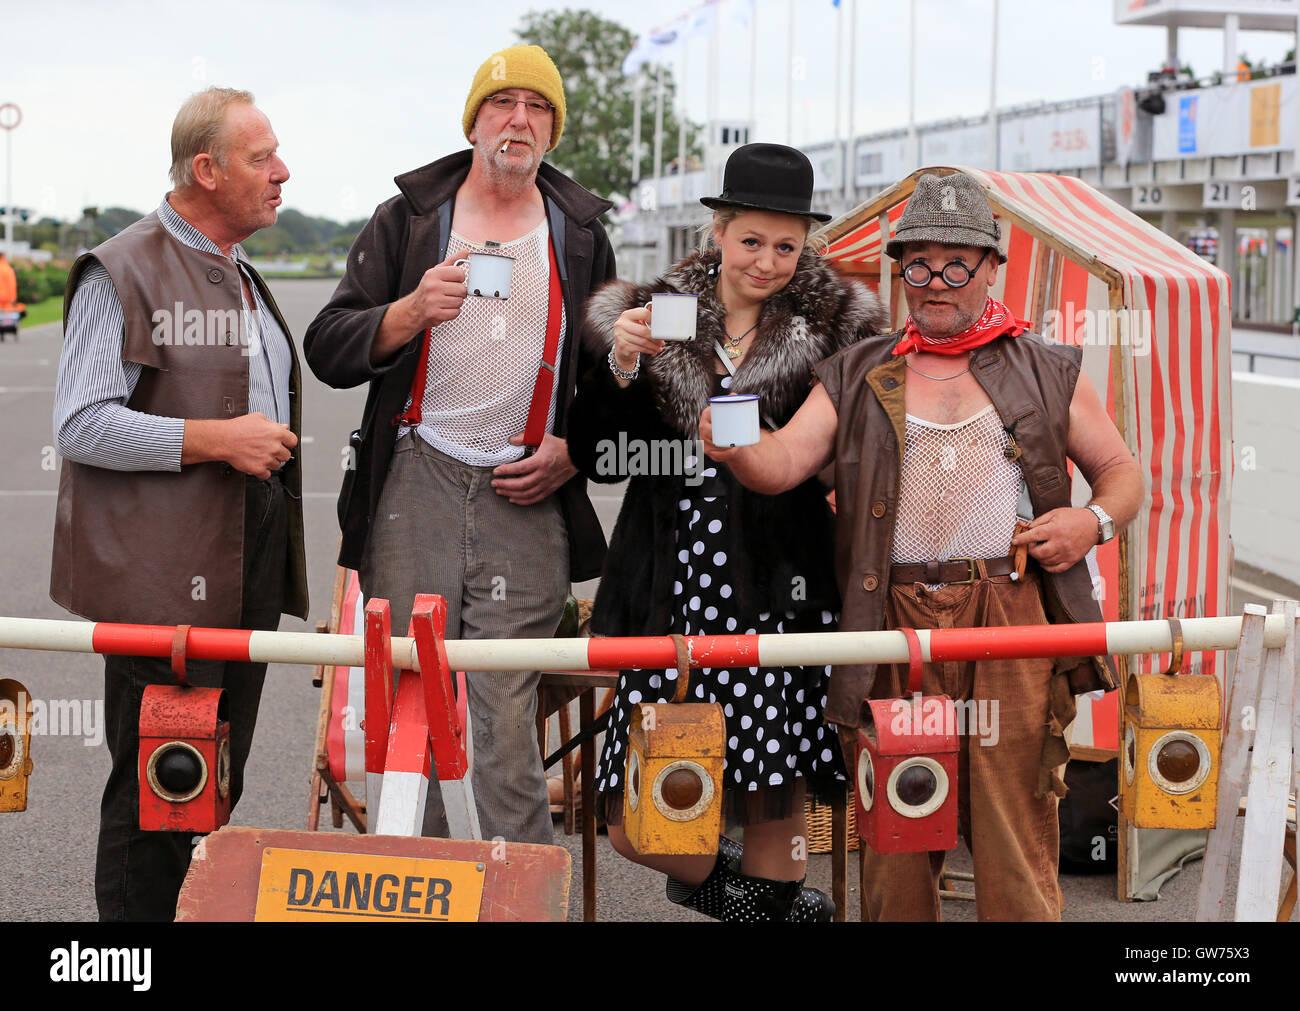 Historische Kostüme / Schauspieler.  Das Goodwood Revival ist eine dreitägige Festival jedes Jahr im September Stockbild